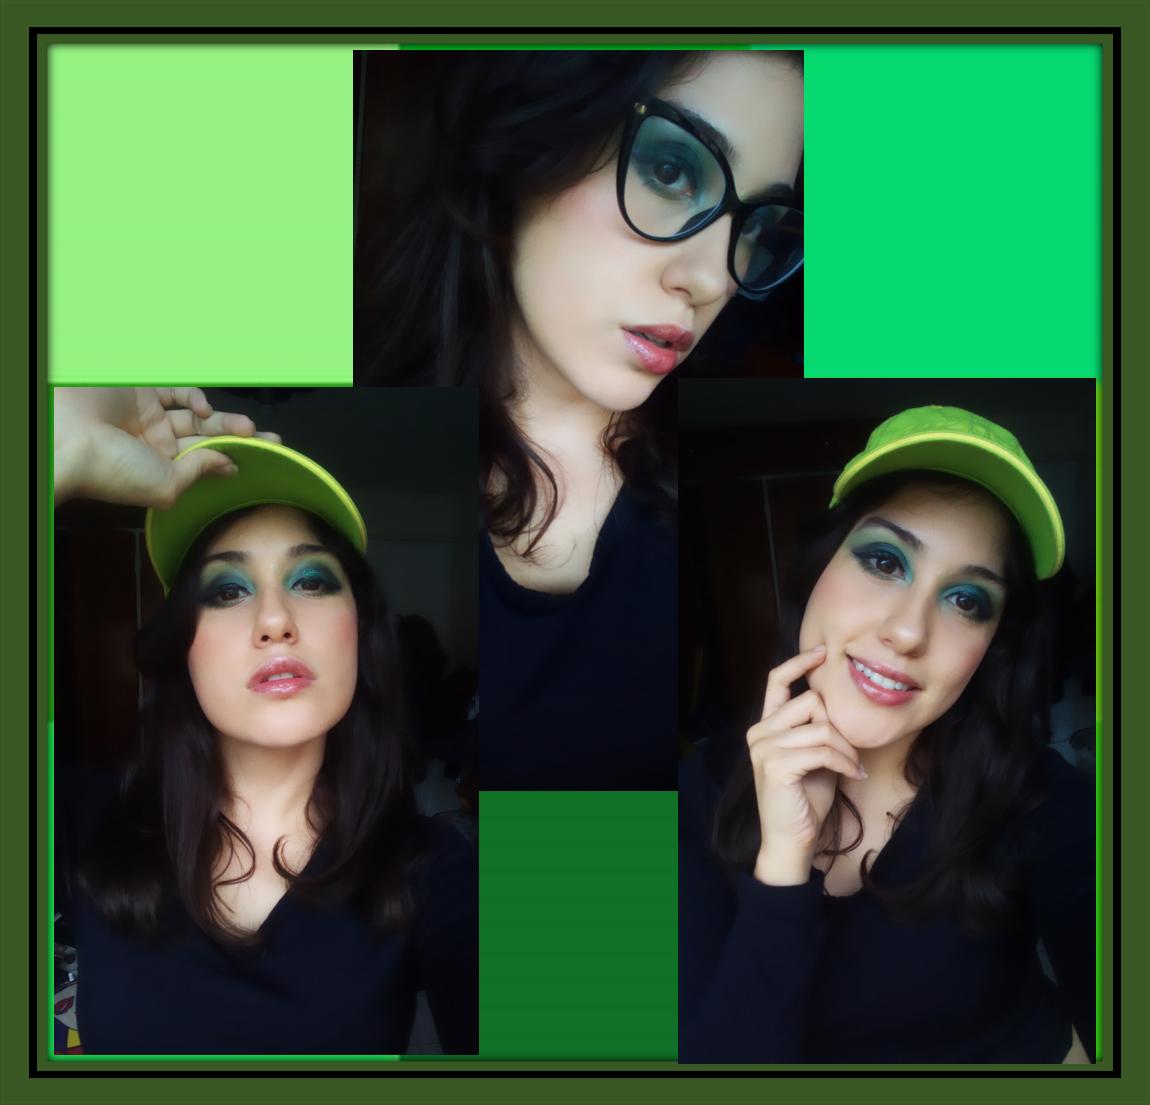 verde3.png